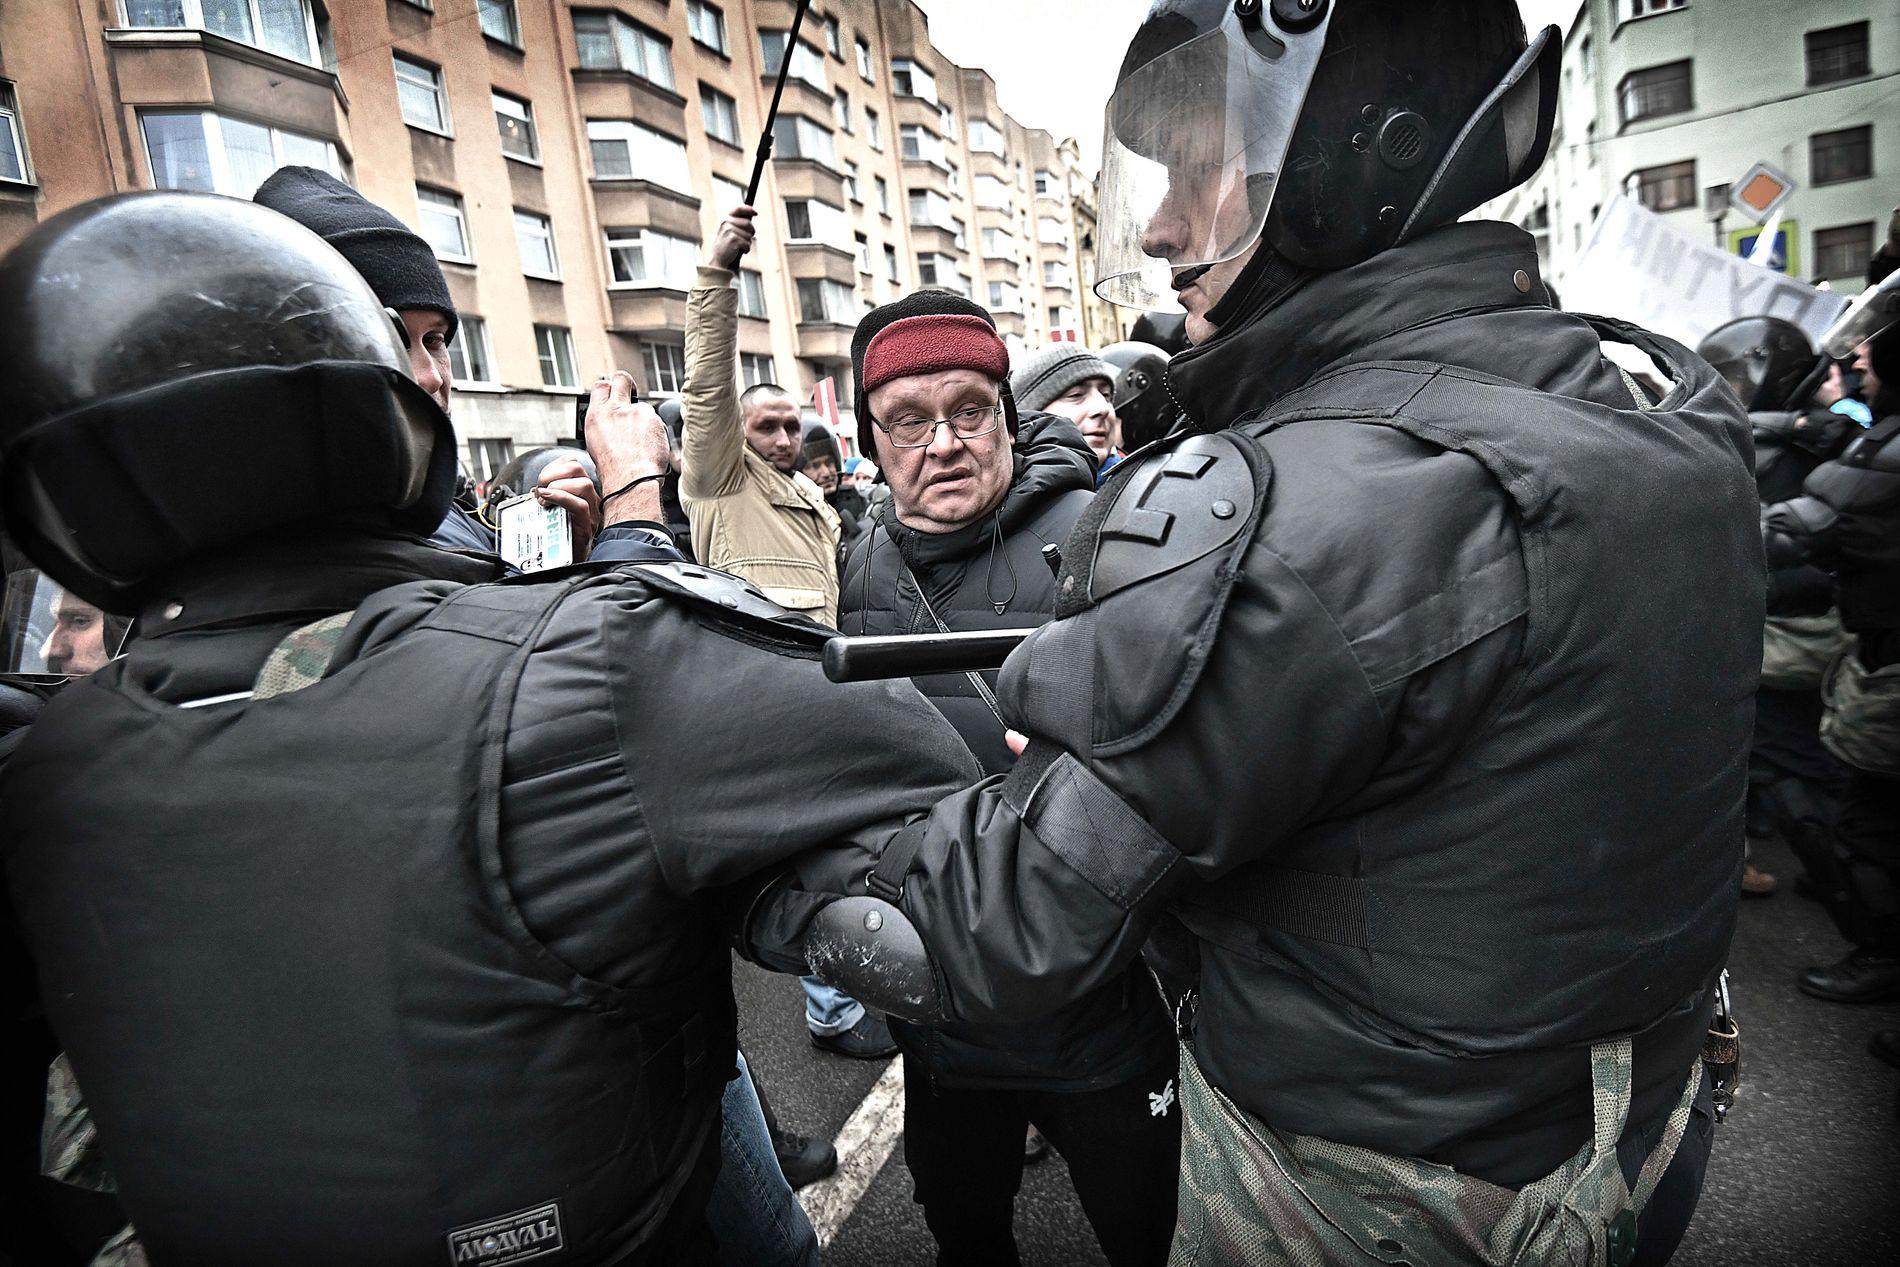 TRUENDE: De noen tusen Navalnyj-velgerne som demonstrerte i St Petersburg var fredelige, men opprørspolitiet så dem likevel som så truende at de stadig brøt inn.